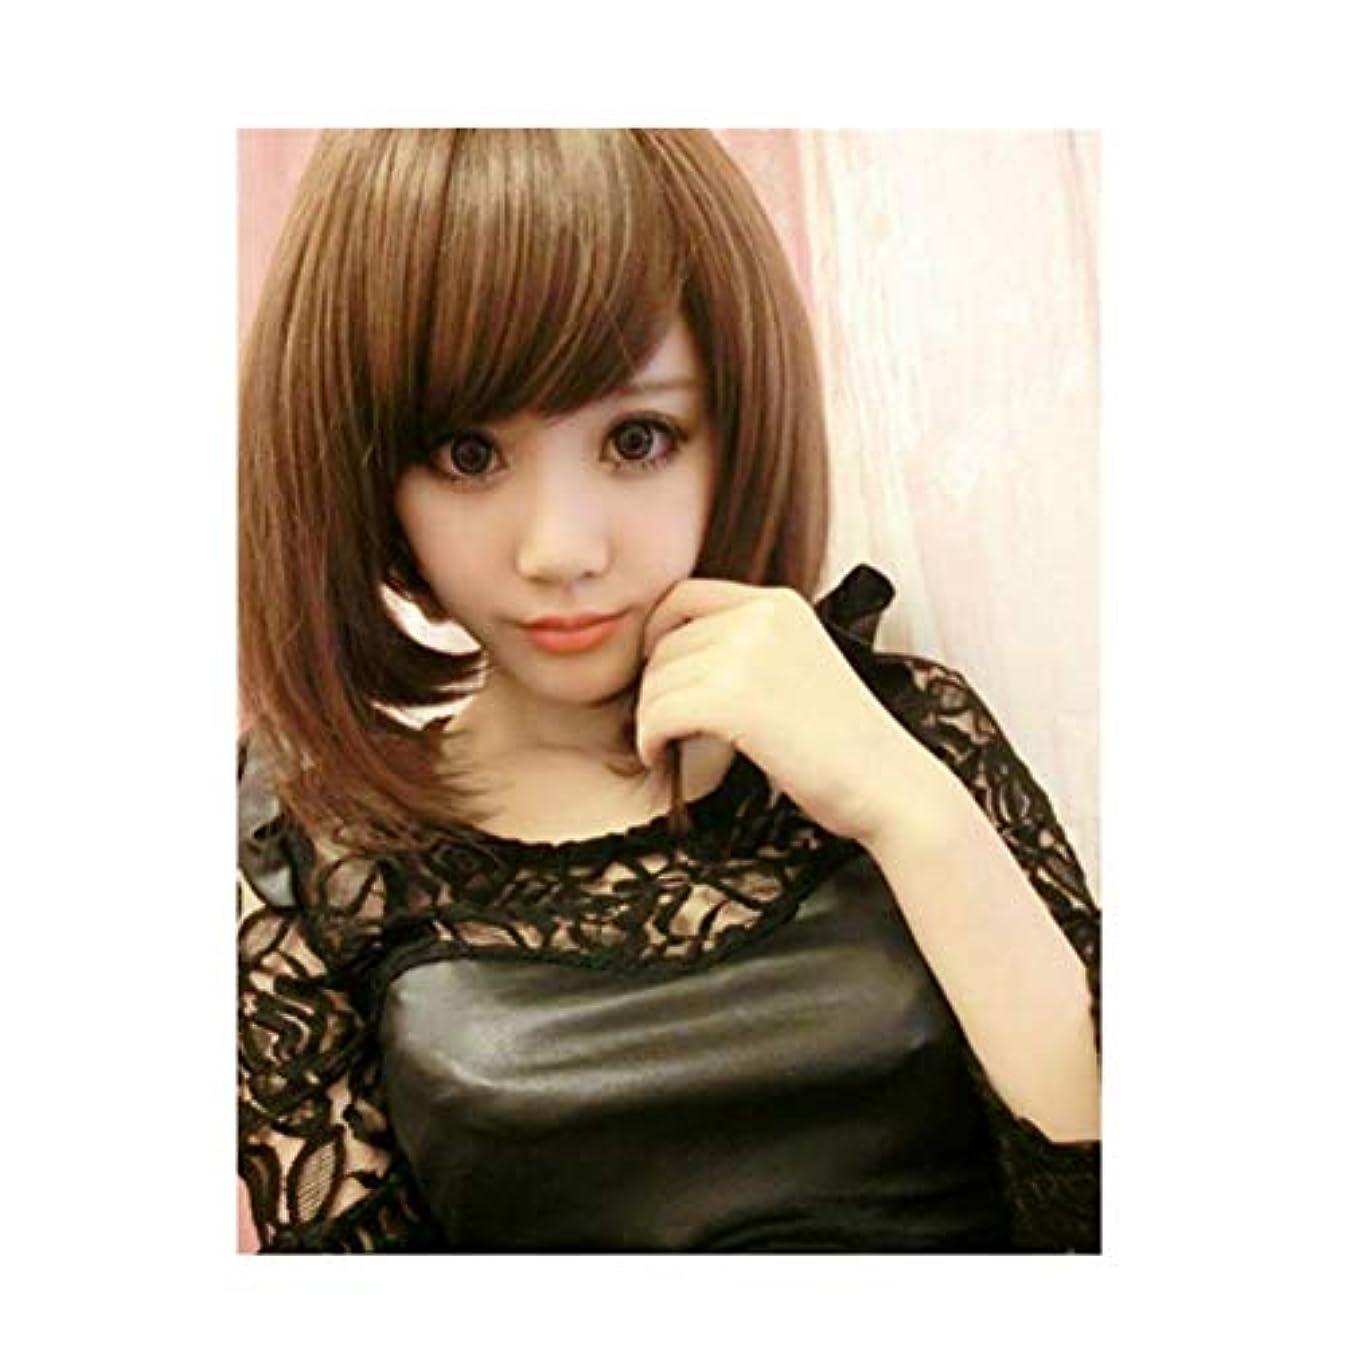 不定居間サイクロプスかつら女性の茶色の斜め前髪化学繊維ショートヘア高温ワイヤーLH2201 (ライトブラウン)